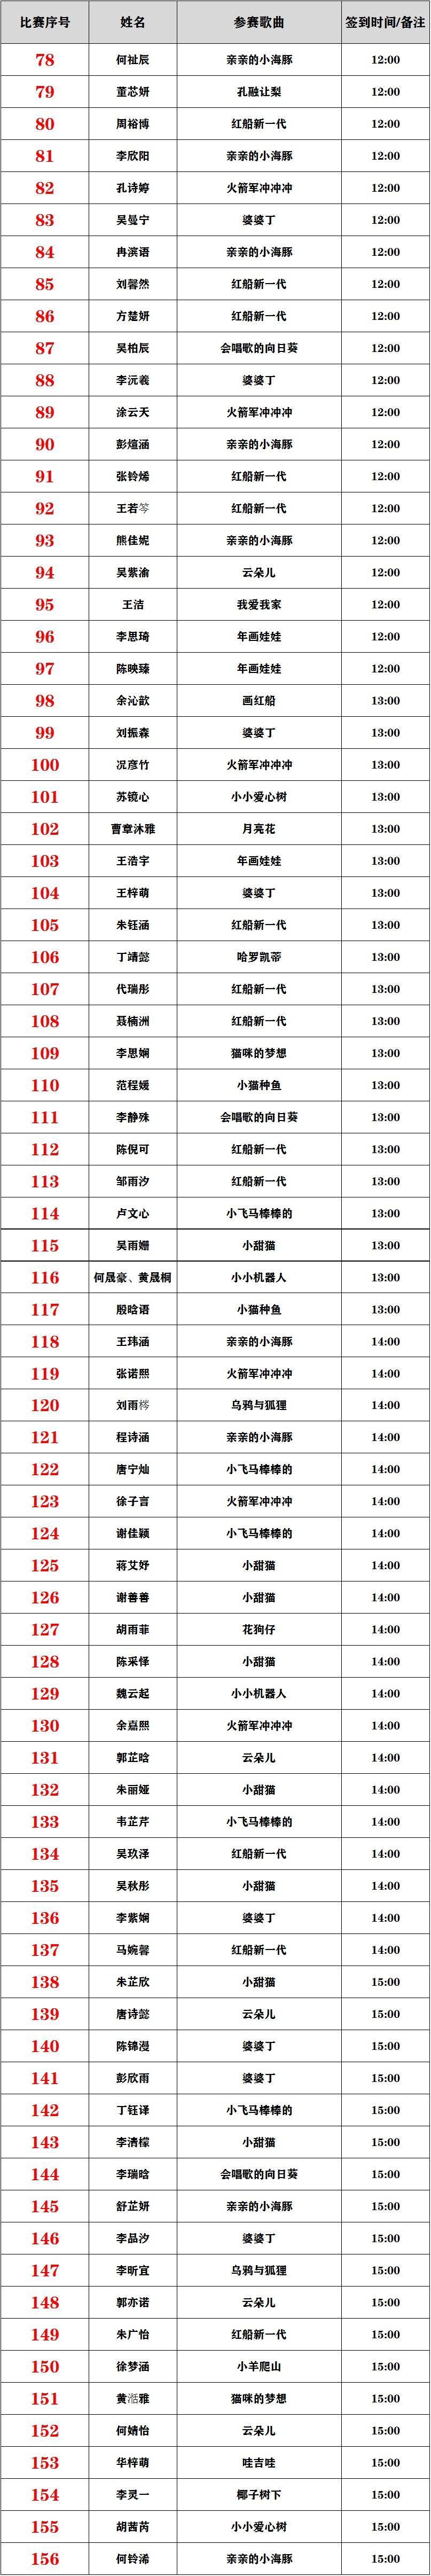 2021第17届快乐阳光全国少歌赛【重庆赛区】复赛比赛通知 第8张